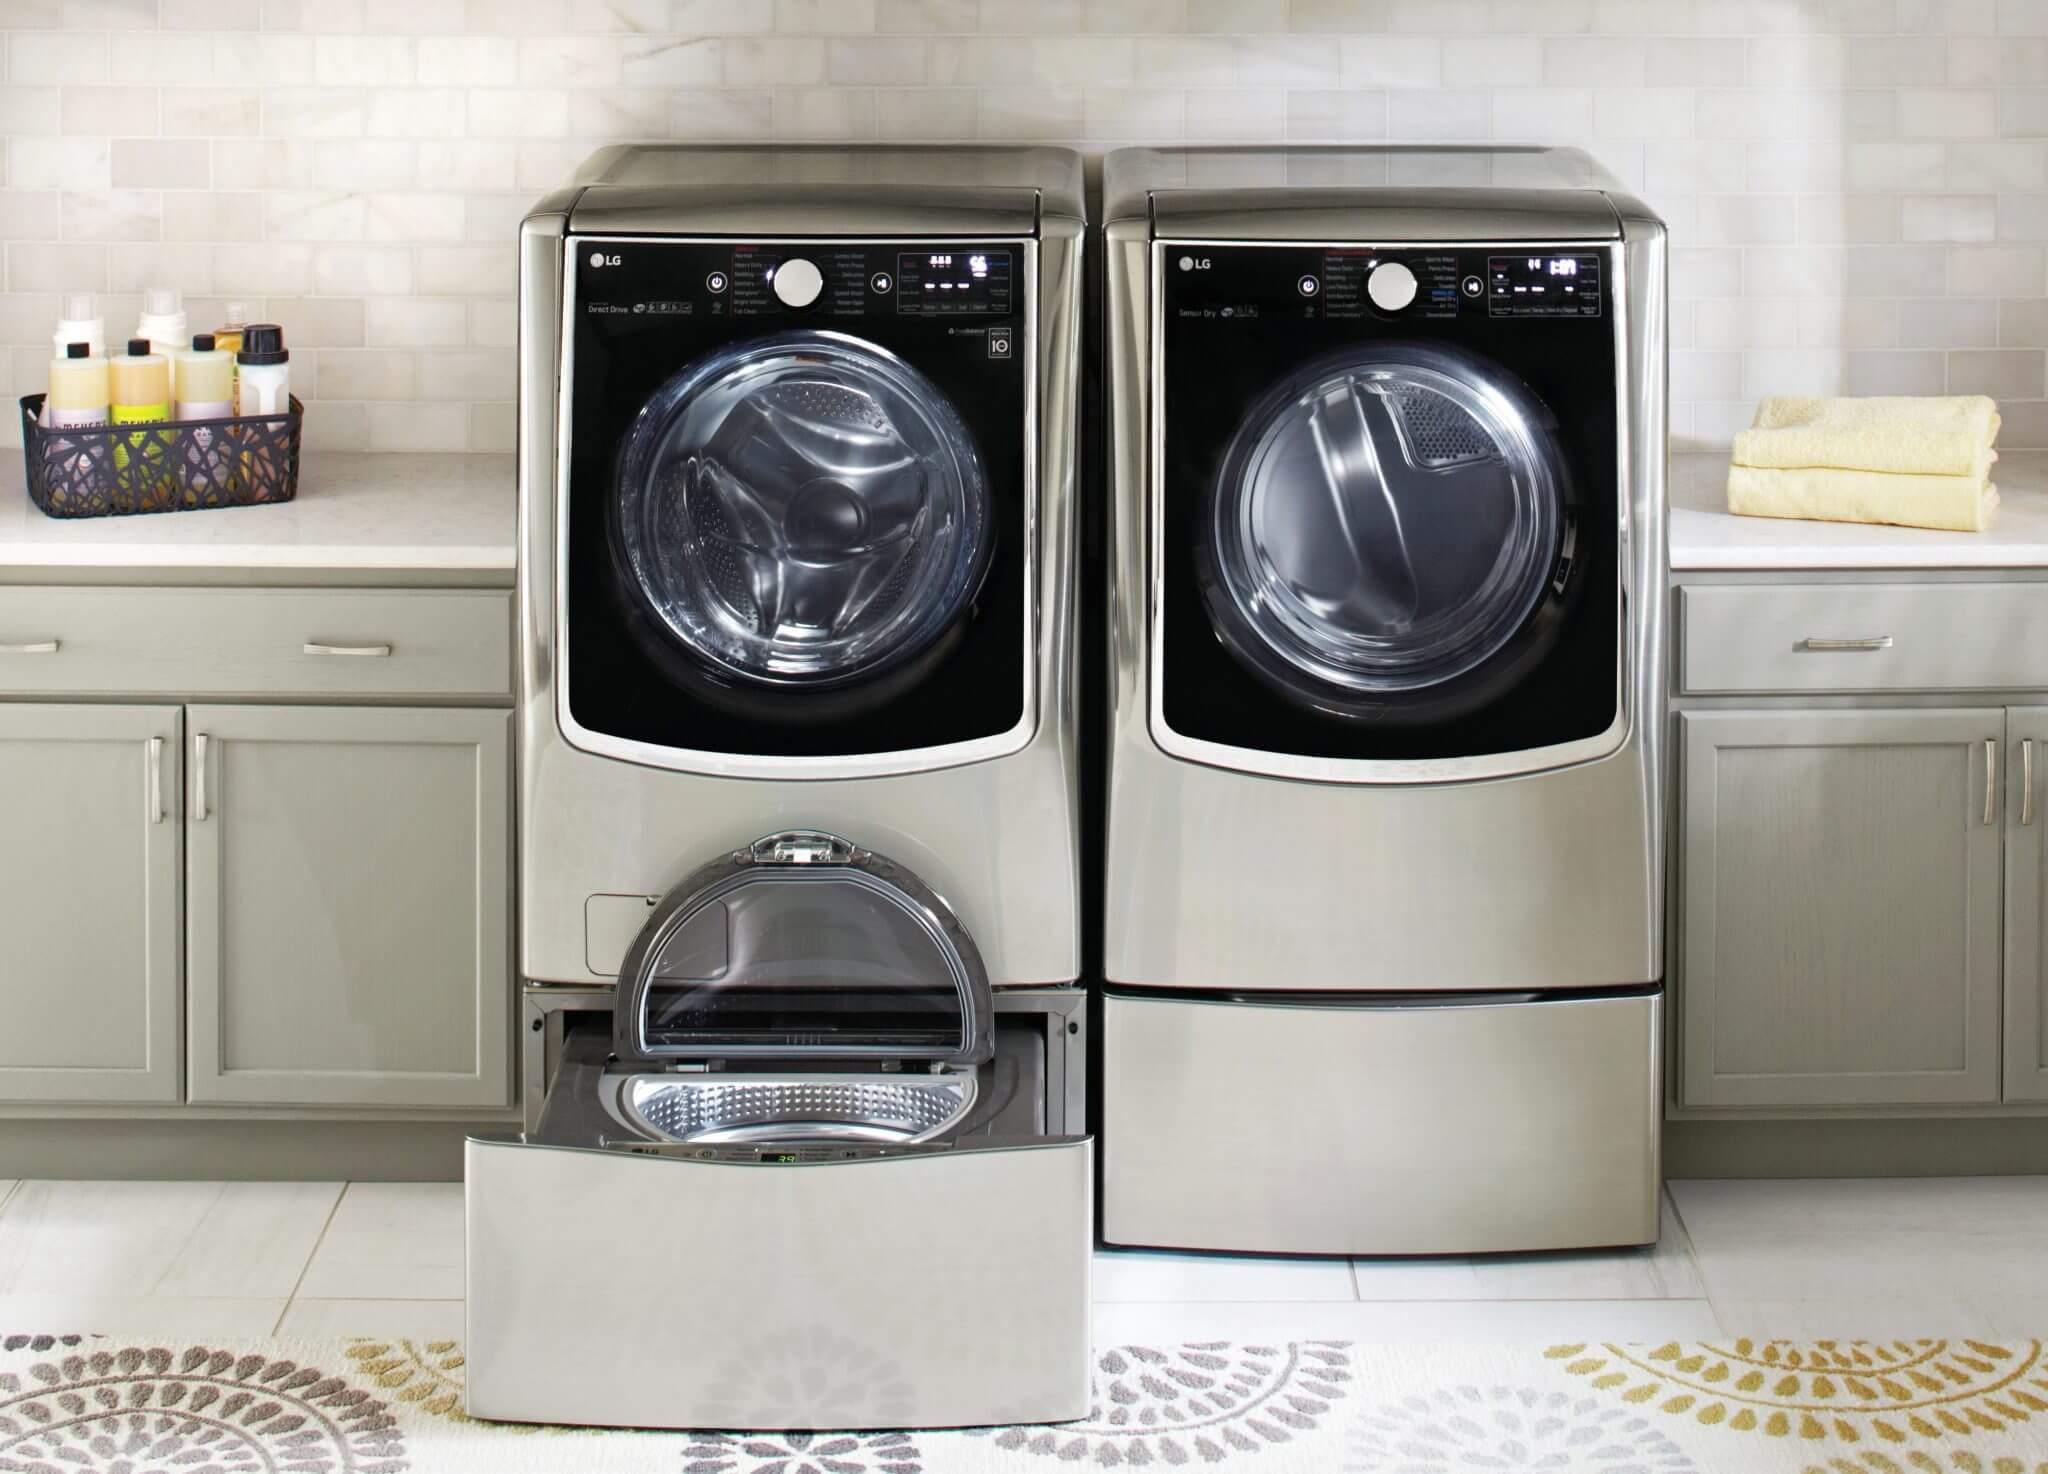 lg twin wash laundry machine01